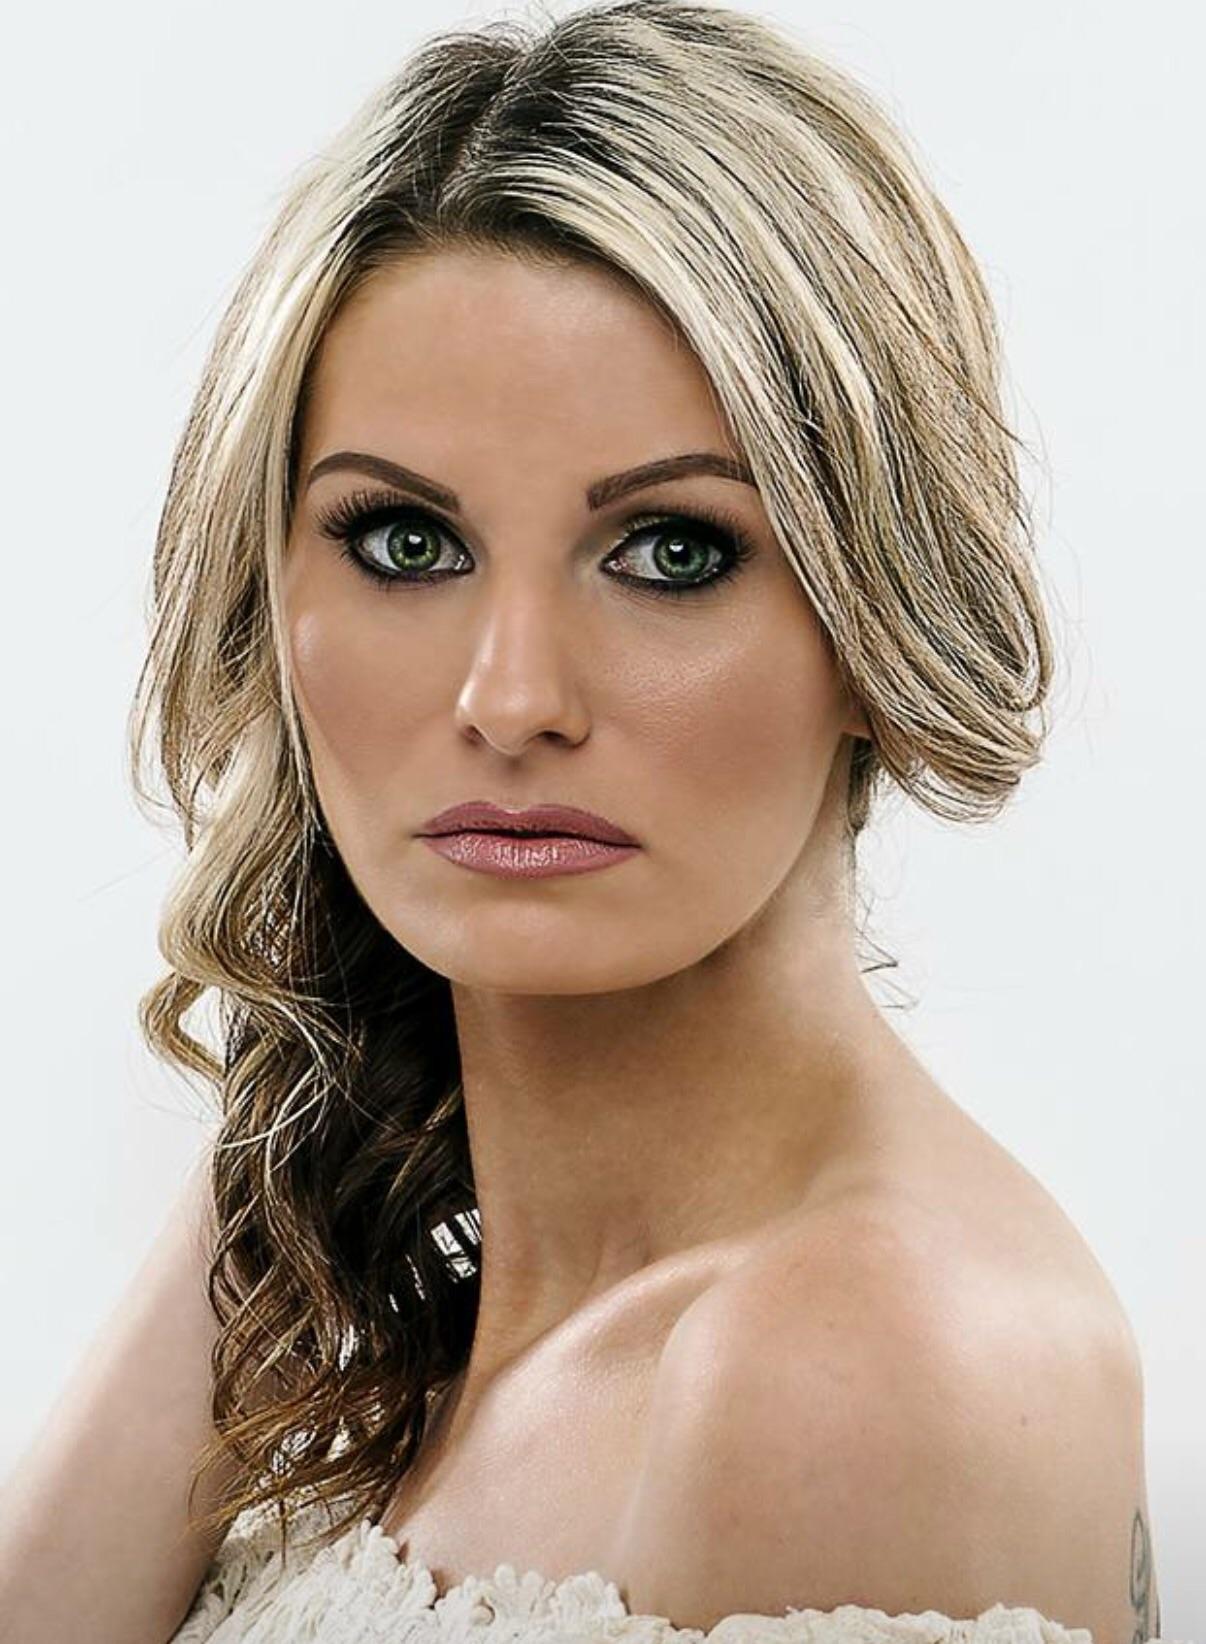 Paulette - Beauty